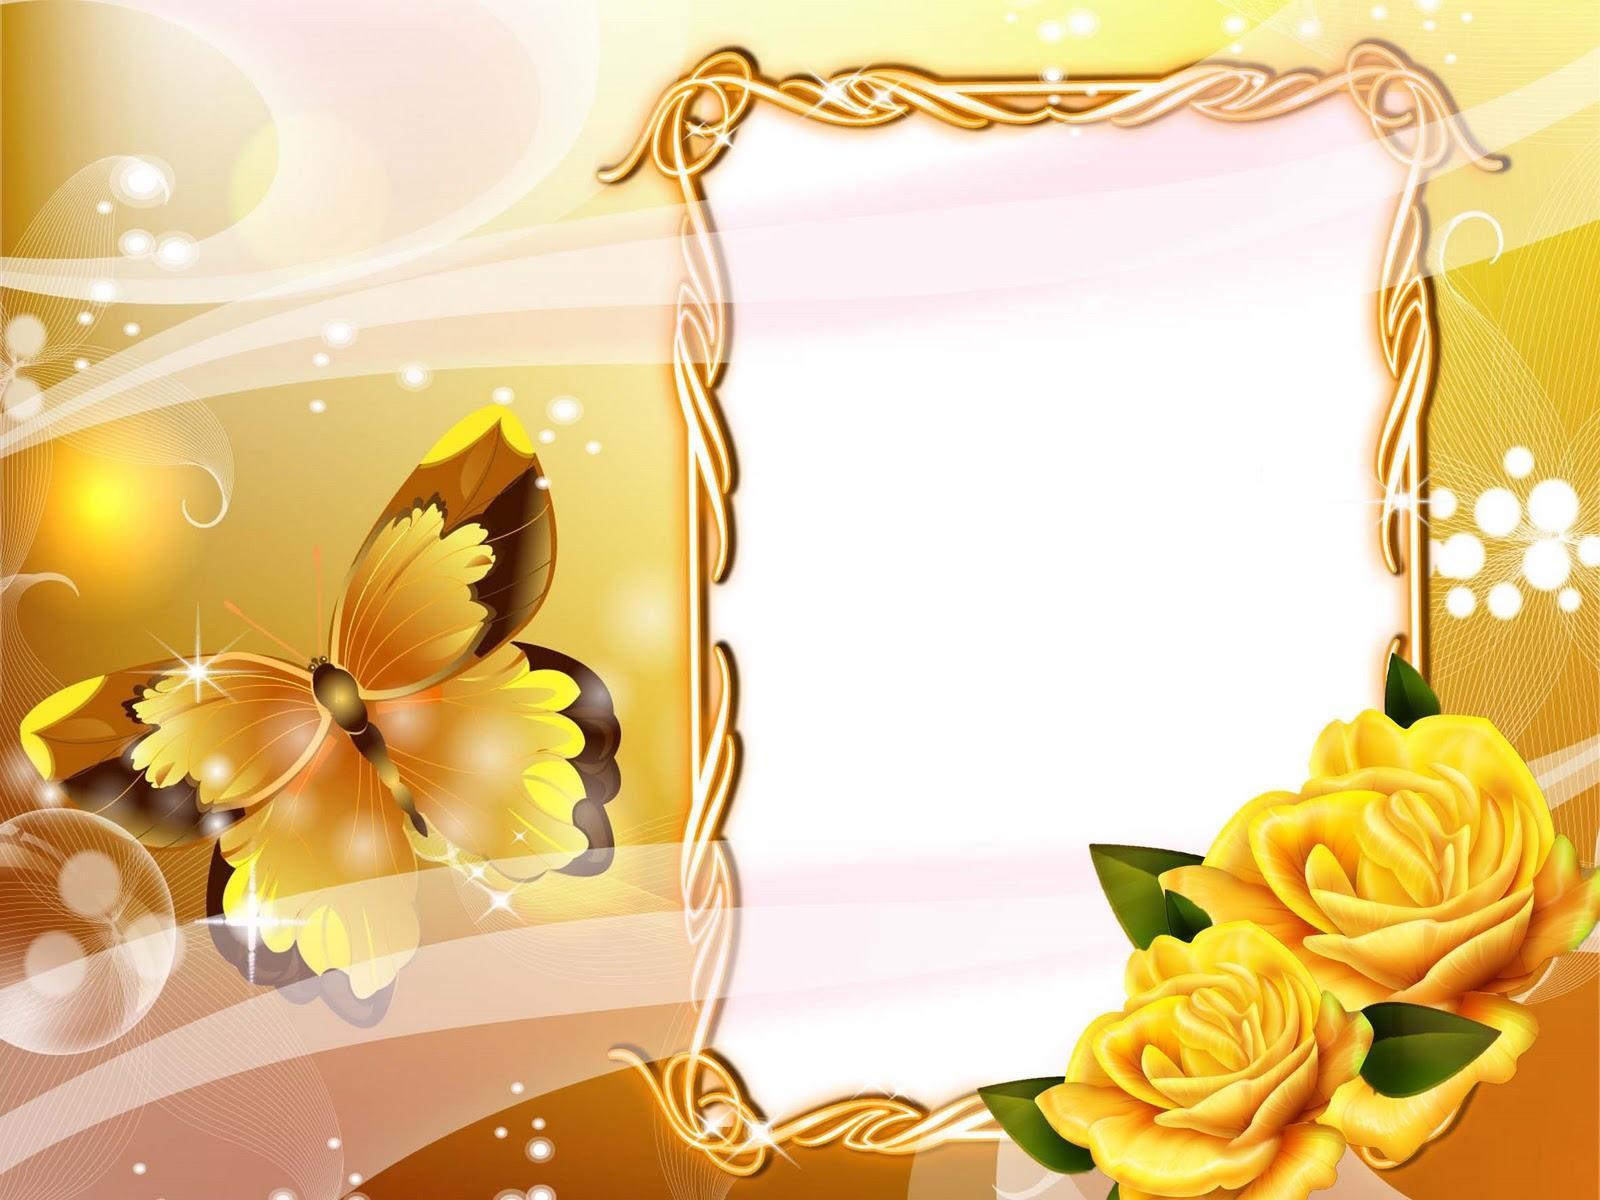 Шаблон для открыток для девушек, днем рождения богиня